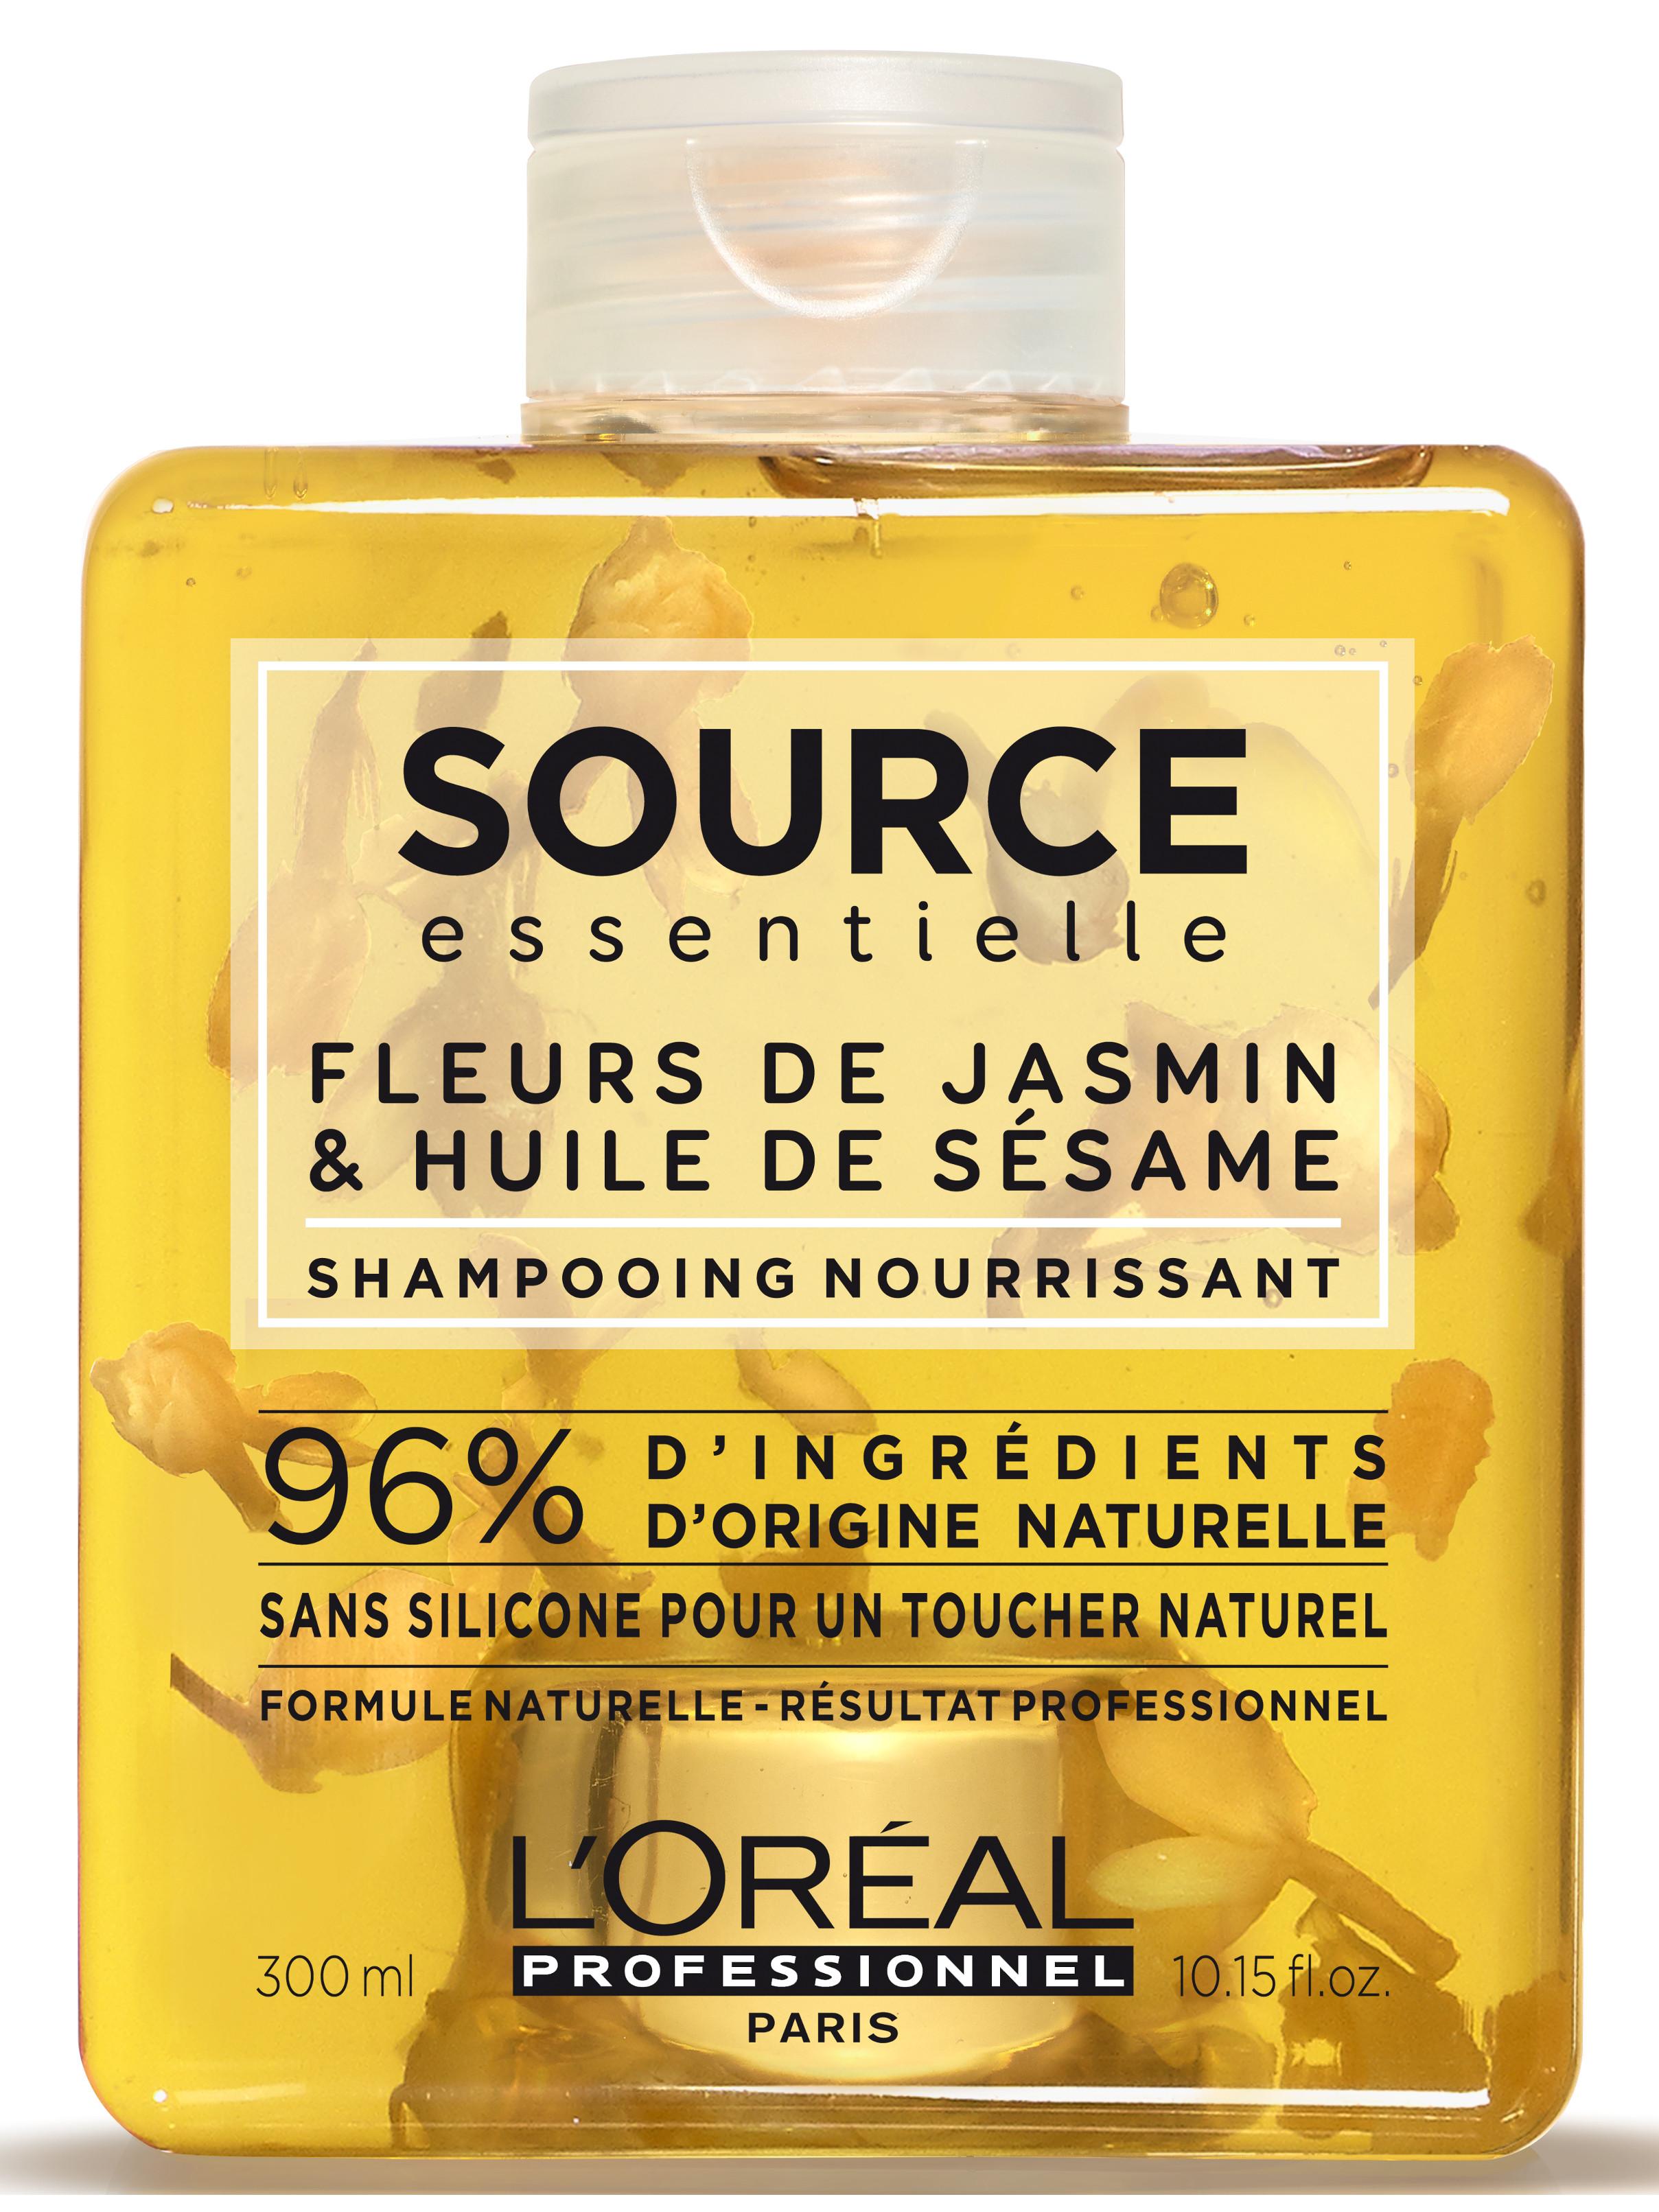 Veganský šampon pro suché a zcitlivělé vlasy Loréal Source Nourishing - 300 ml + DÁREK ZDARMA